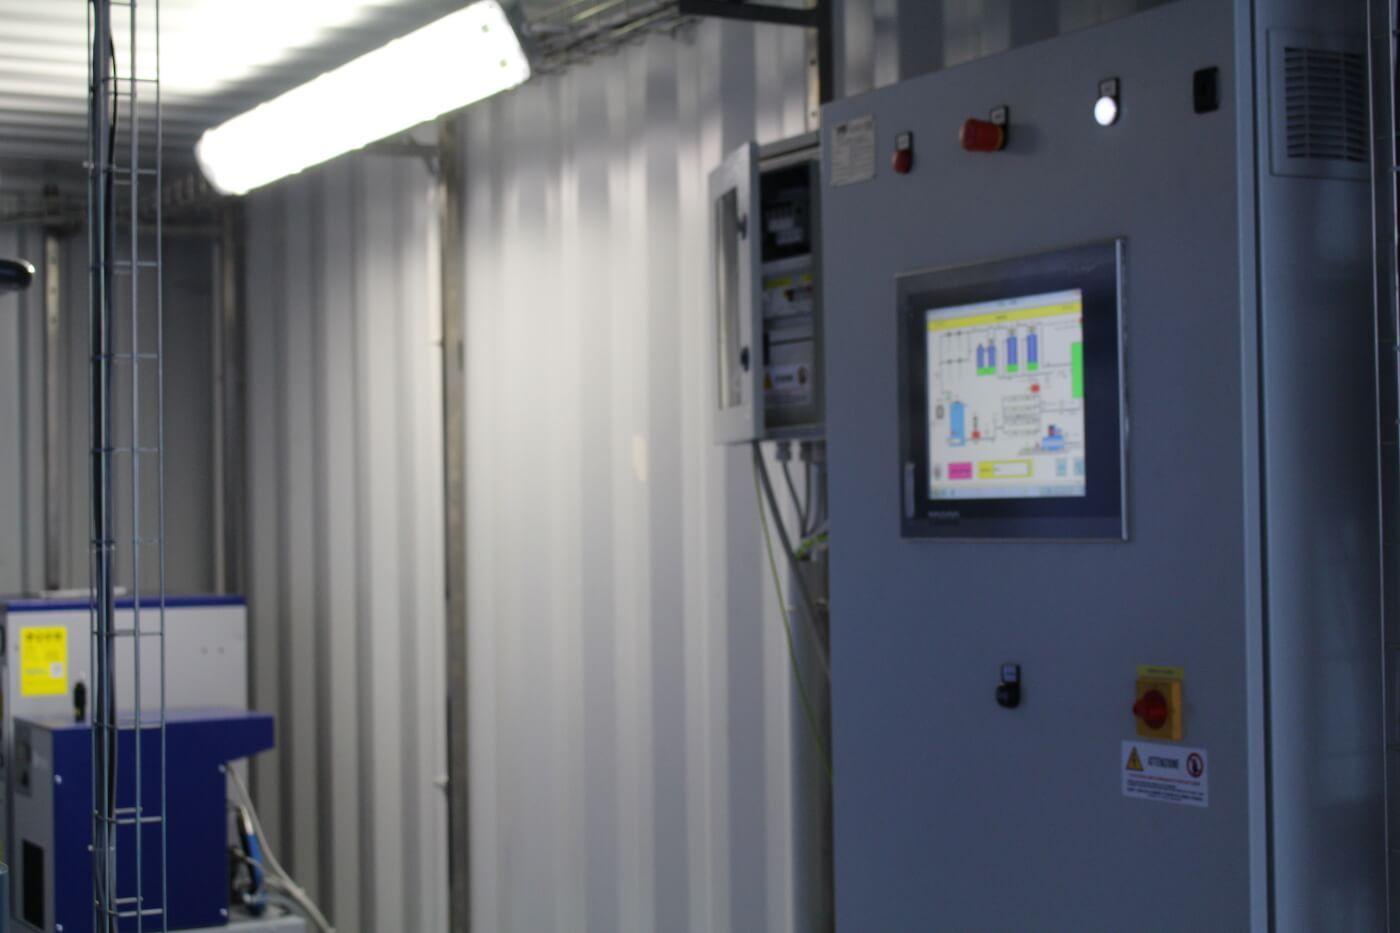 cz trattamento acque - impianti depurazione acqua filtrazione addolcimento osmosi inversa impianti container 3